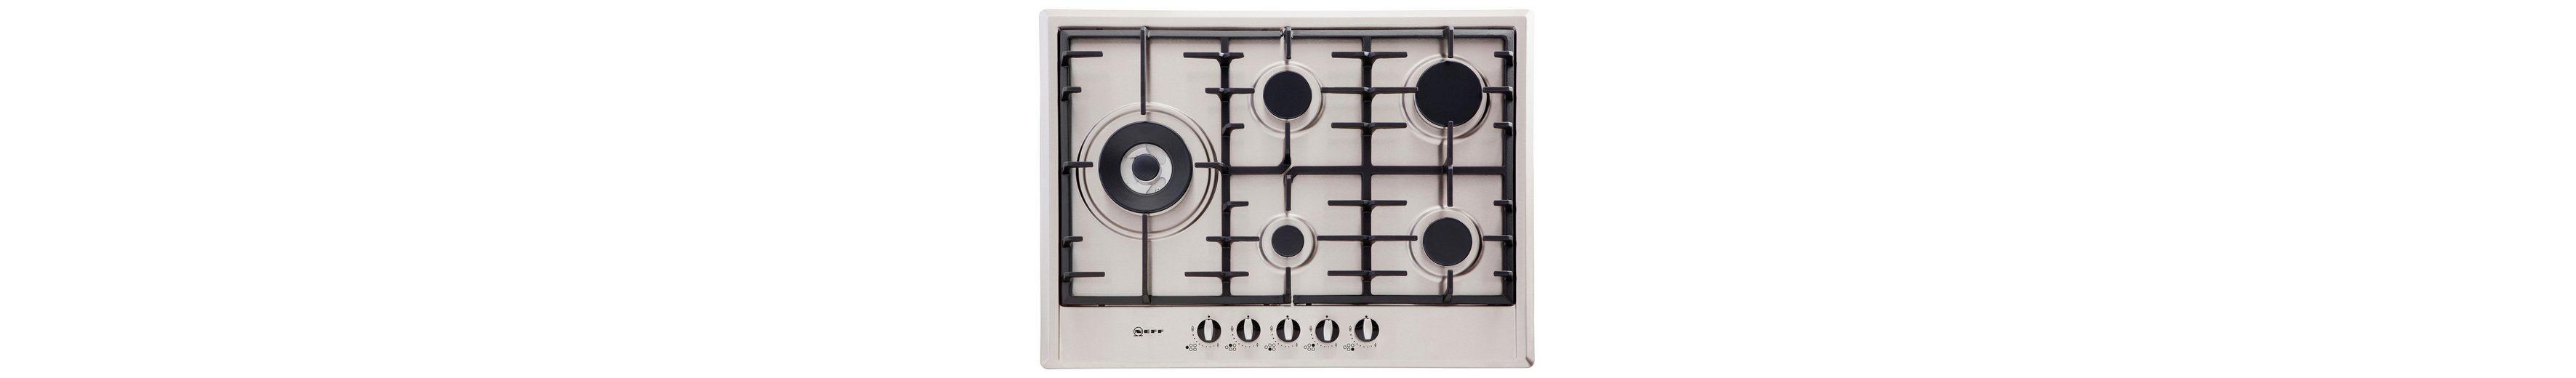 Neff Autarkes Gas-Kochfeld mit integrierten Kochstellenreglern TS 2576 N